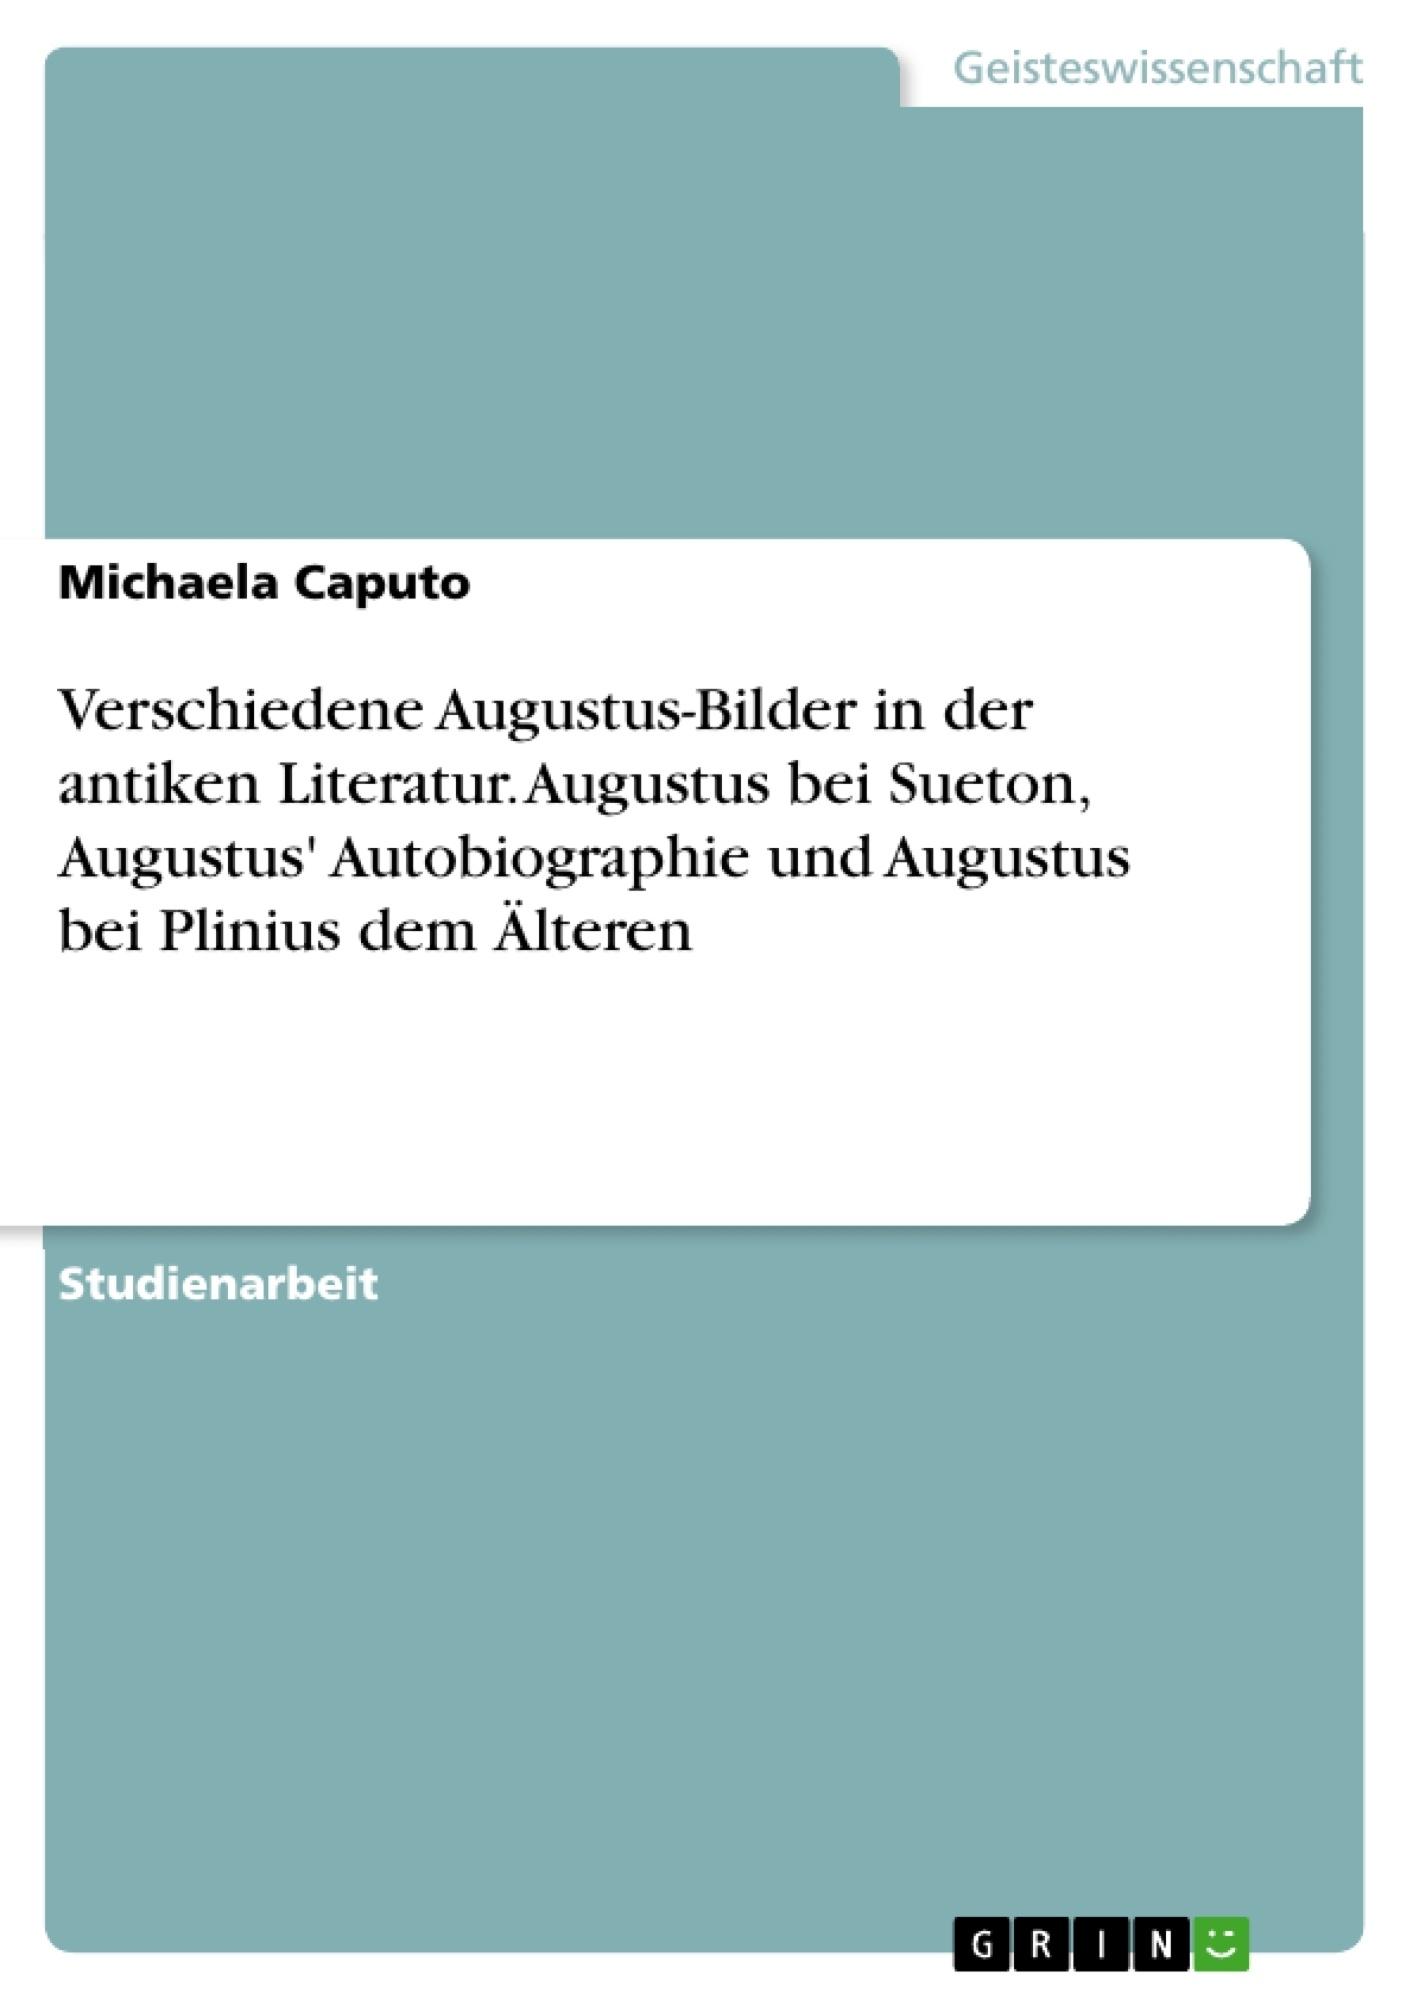 Titel: Verschiedene Augustus-Bilder in der antiken Literatur. Augustus bei Sueton, Augustus' Autobiographie und Augustus bei Plinius dem Älteren